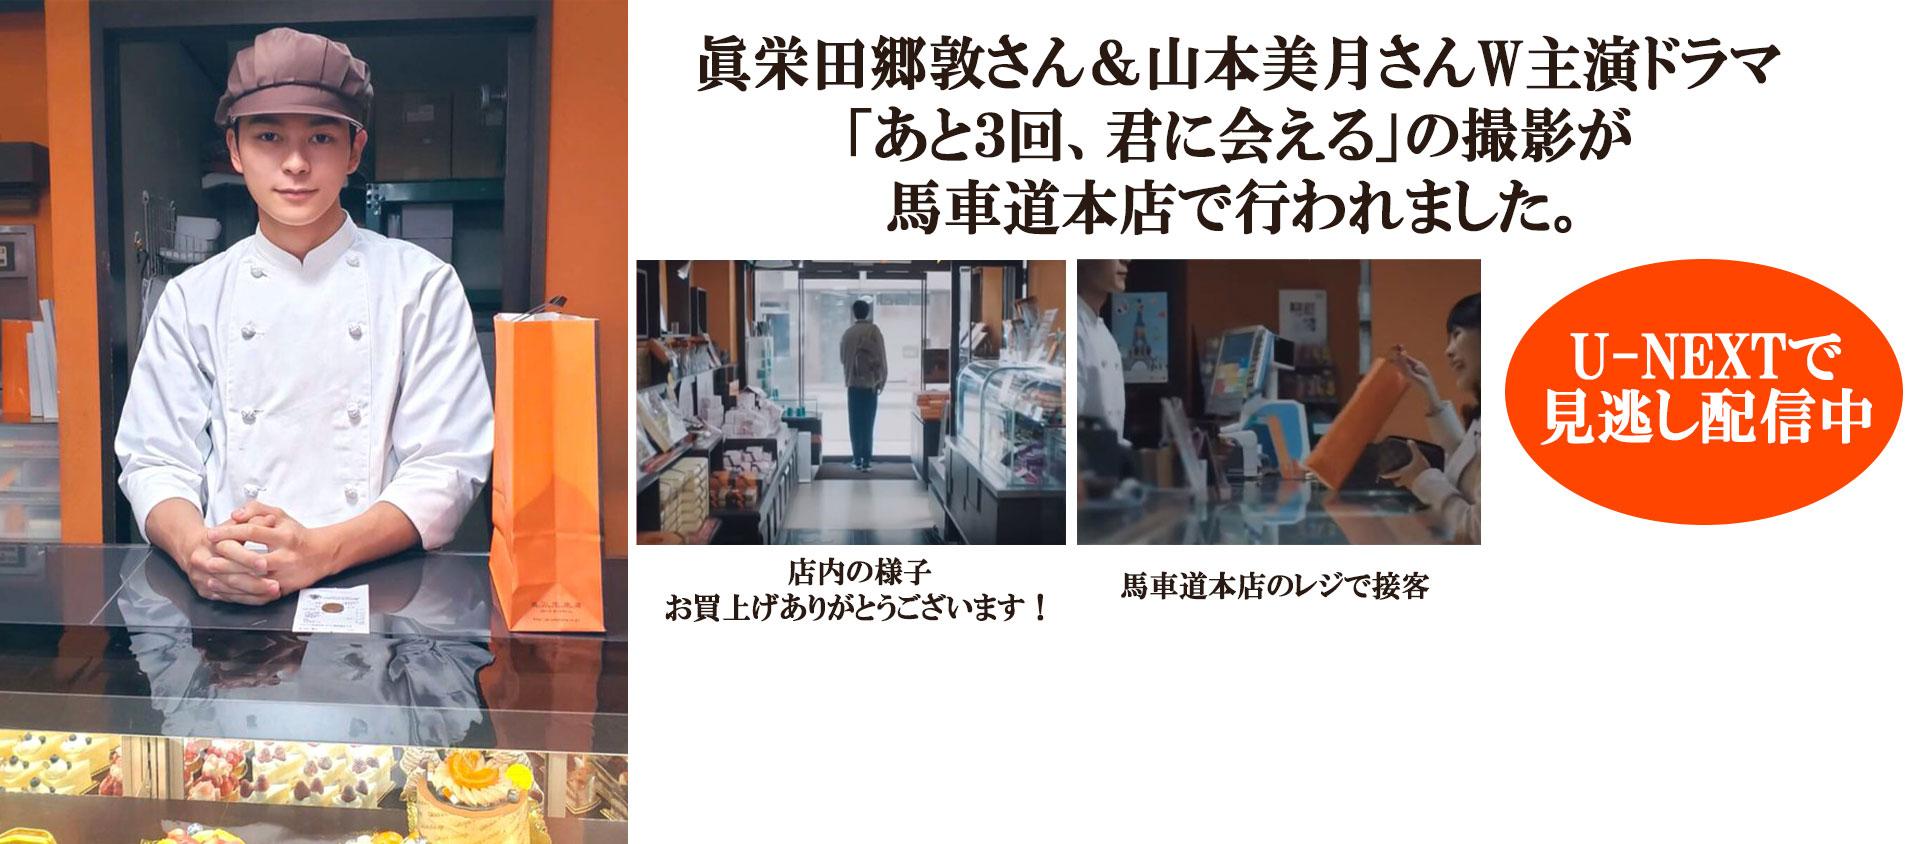 眞栄田郷敦さん主演ドラマの撮影が馬車道本店で行われました